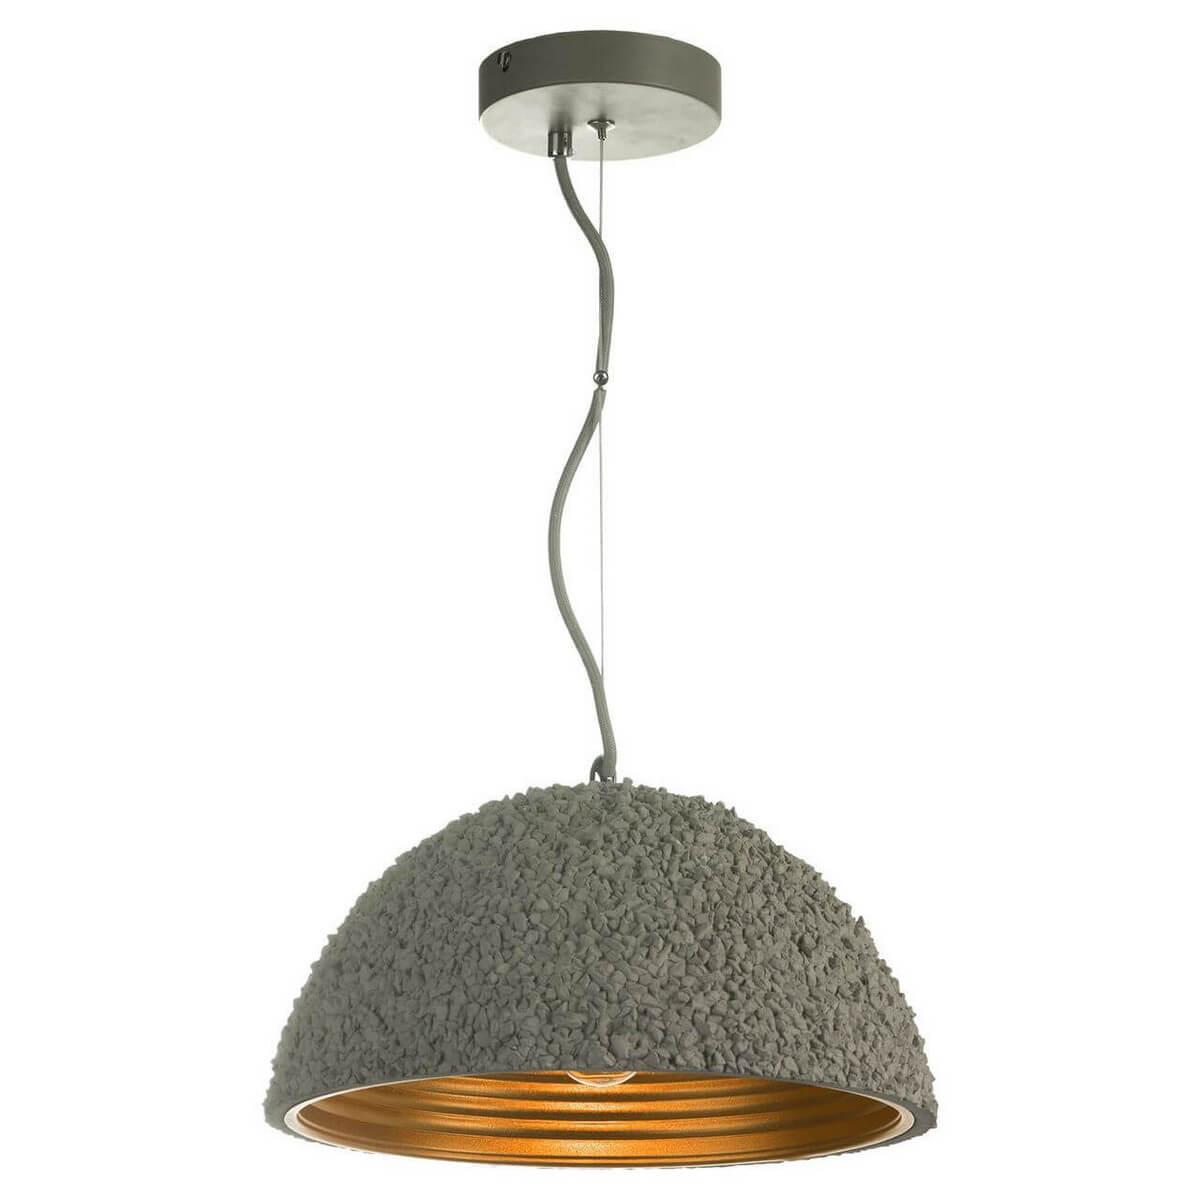 Подвесной светильник Lussole Loft LSP-9856 подвесной светильник lussole grlsp 9856 серый